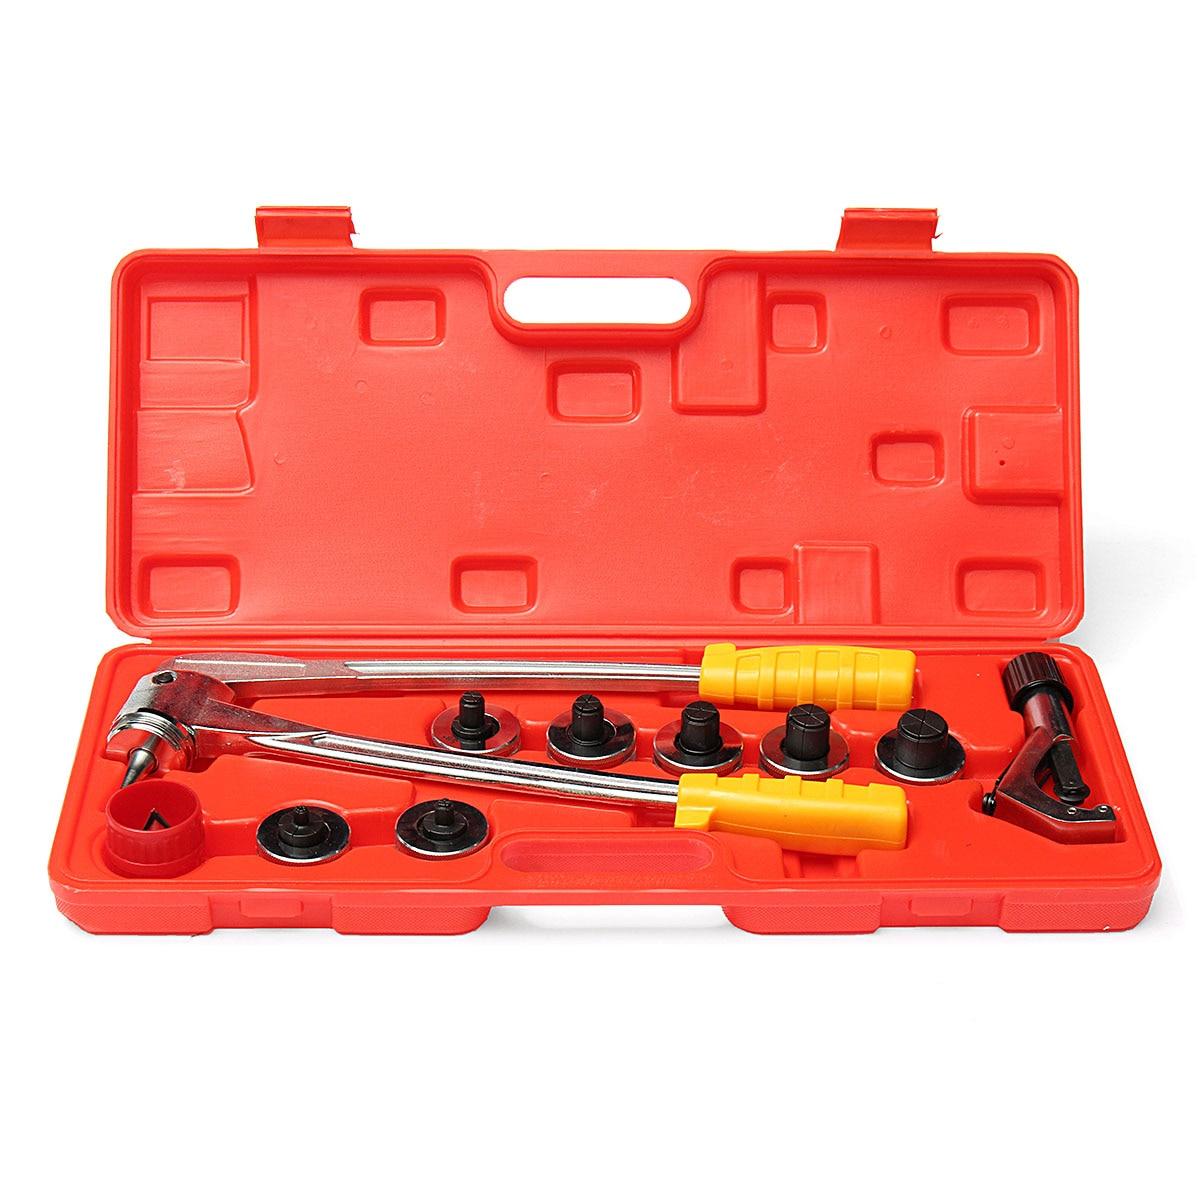 Новое поступление трубки расширитель набор инструментов расширитель труб труборез сантехника кондиционер T018 расширитель труб инструмент